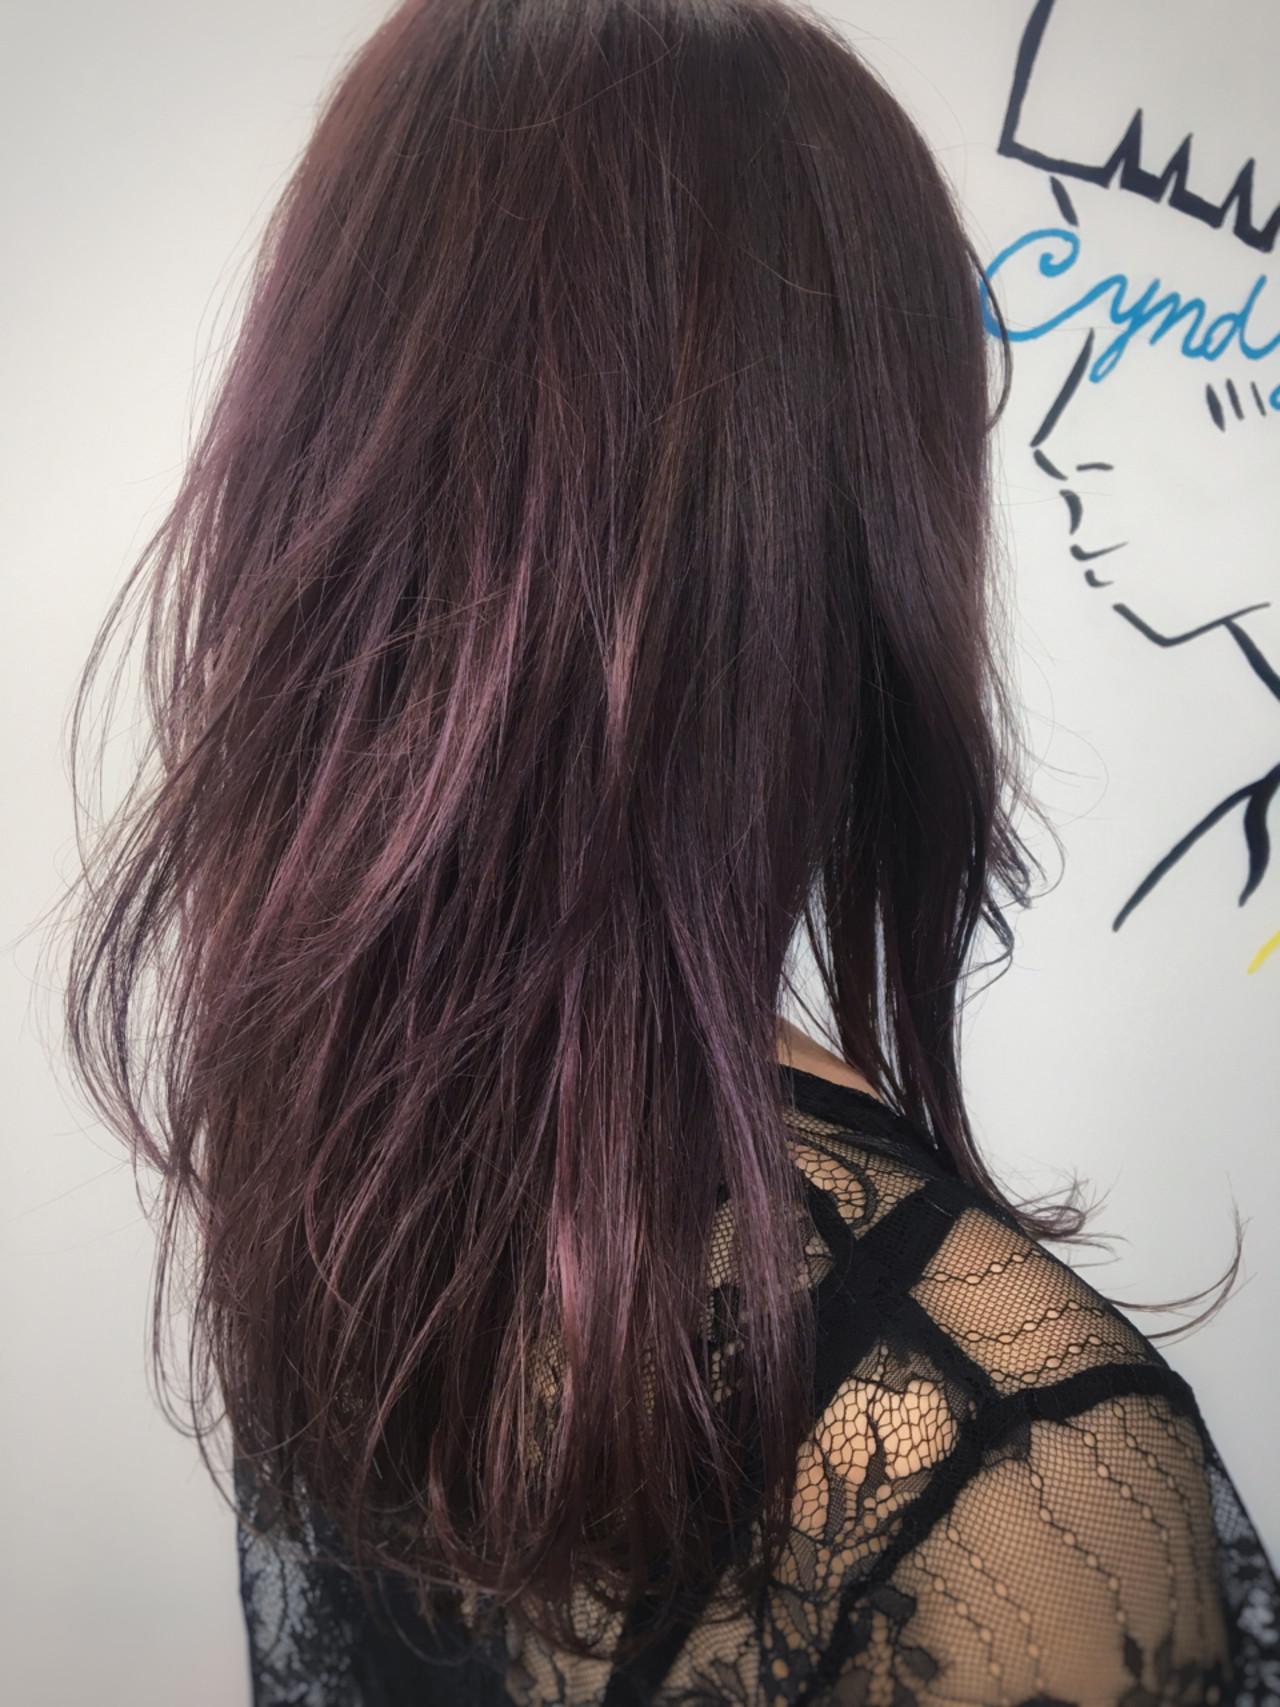 ストリート ロング ピンク パープル ヘアスタイルや髪型の写真・画像 | 砂川 航 / CYNDY color salon